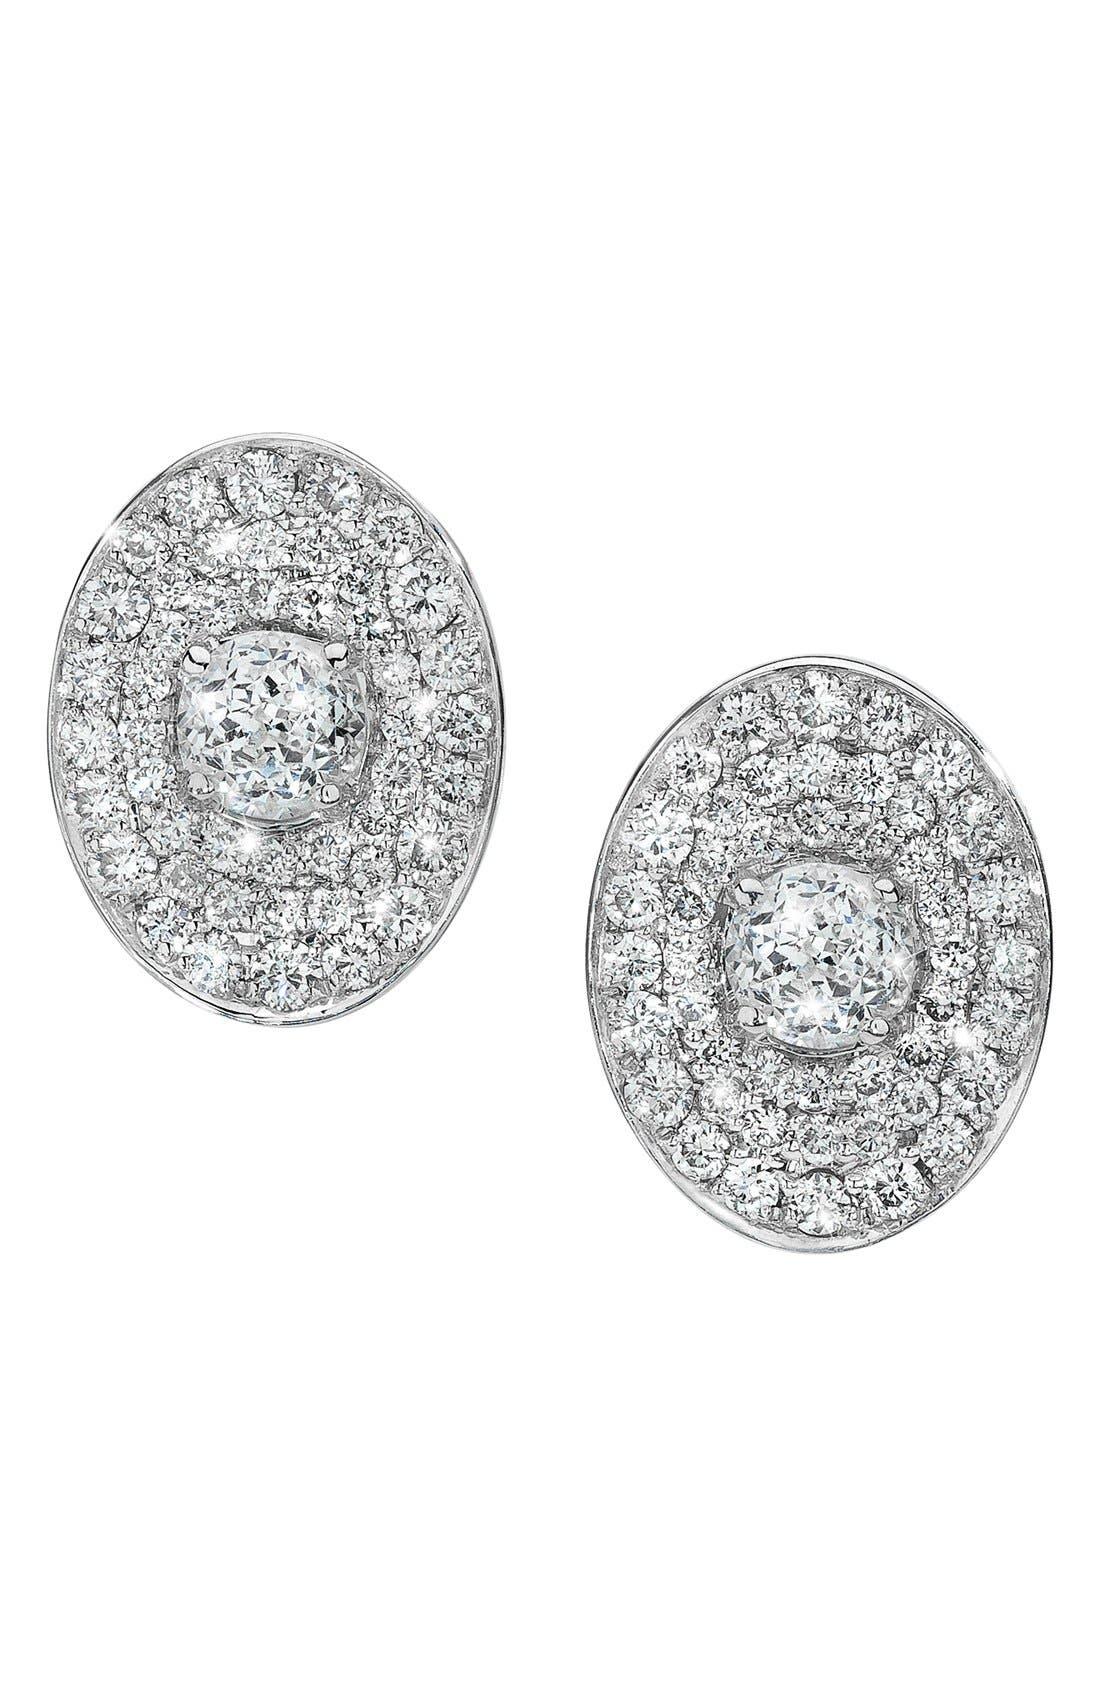 Main Image - Ivanka Trump 'Signature' Oval Pavé Diamond Stud Earrings